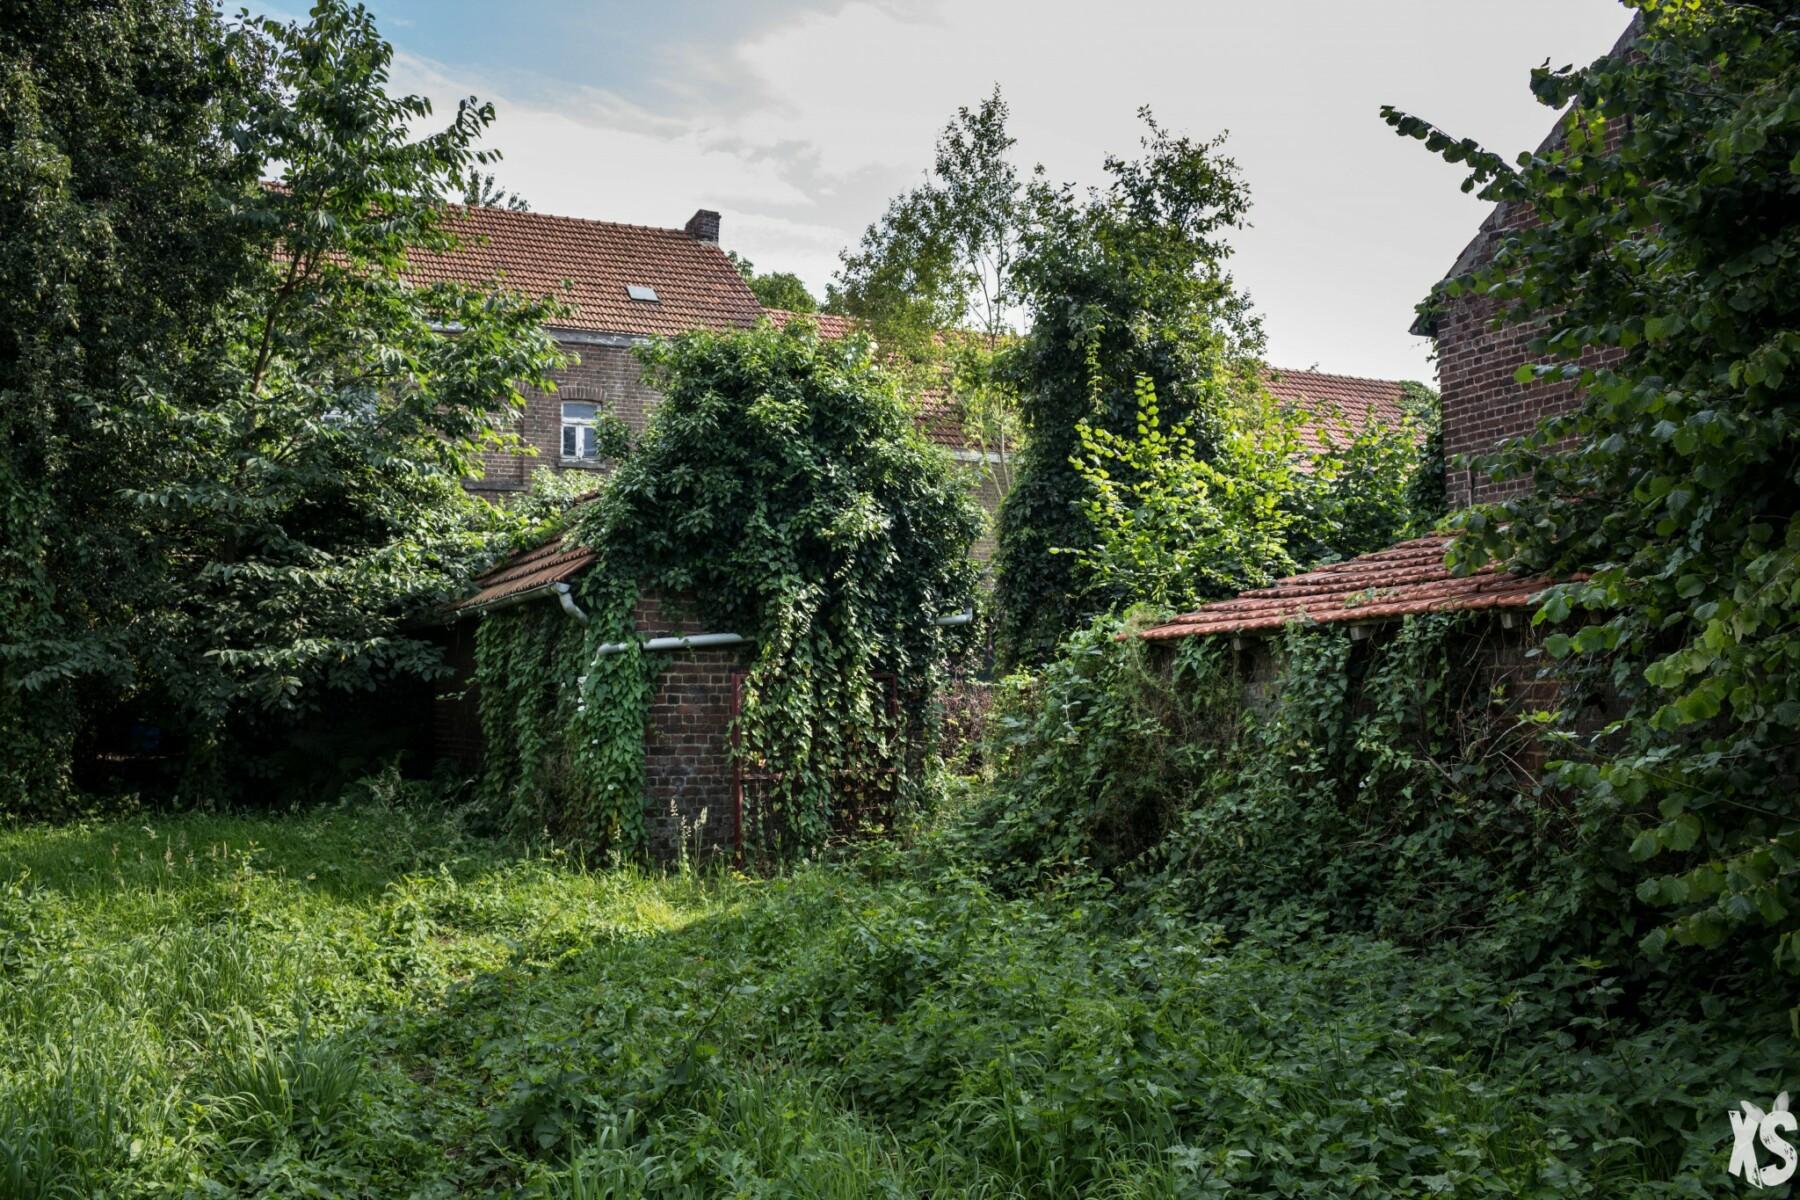 Maison abandonnée en Belgique